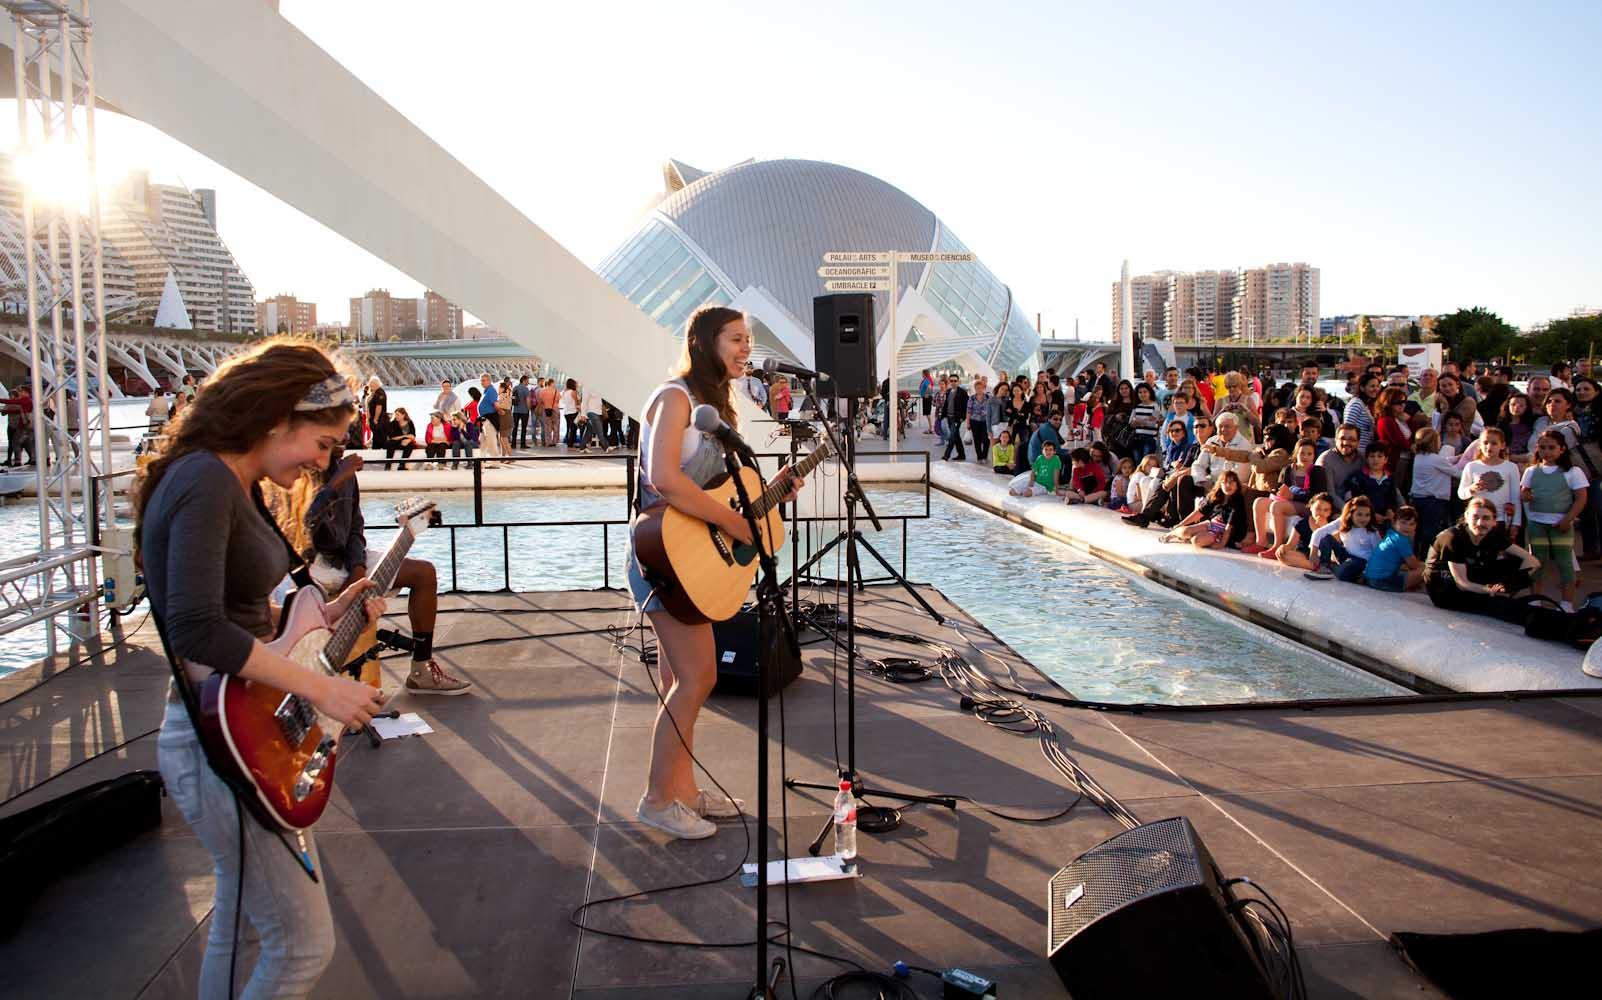 Un lago de conciertos de Berklee Valencia